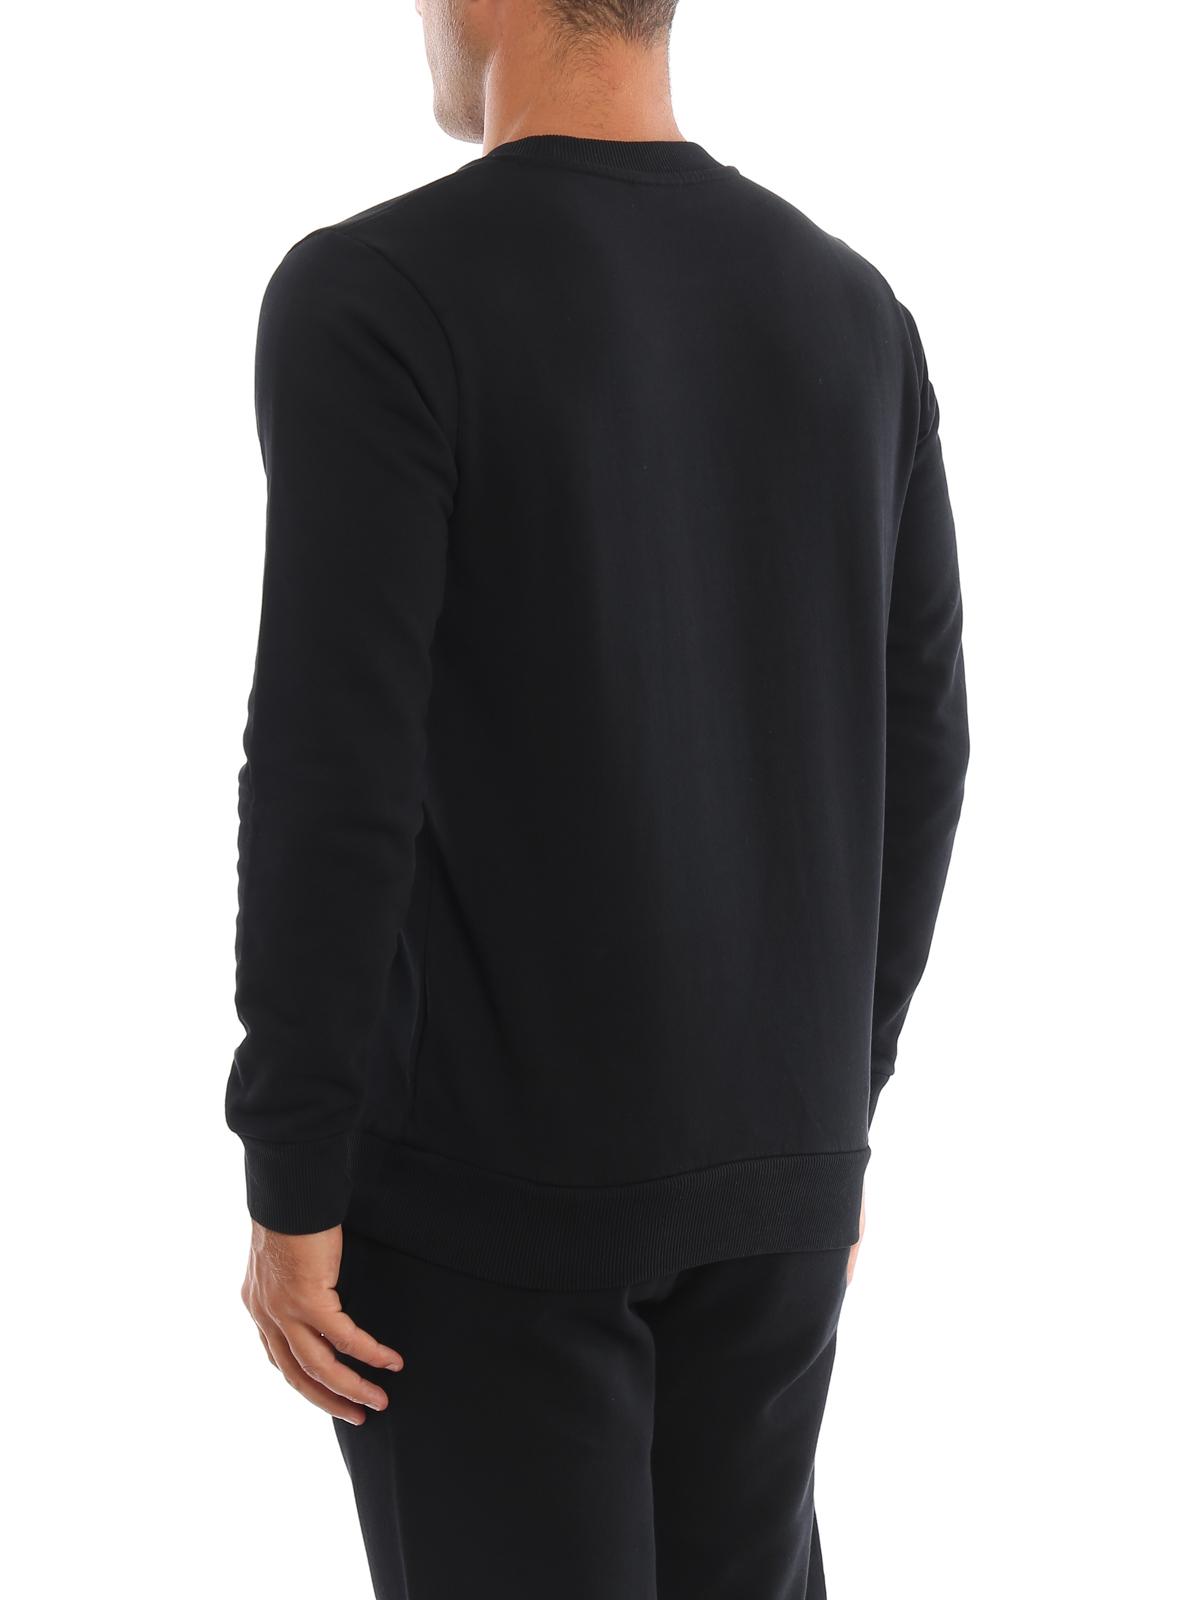 Wings patch black sweatshirt MARCELO BURLON | -108764232 | CMBA009F195060021088